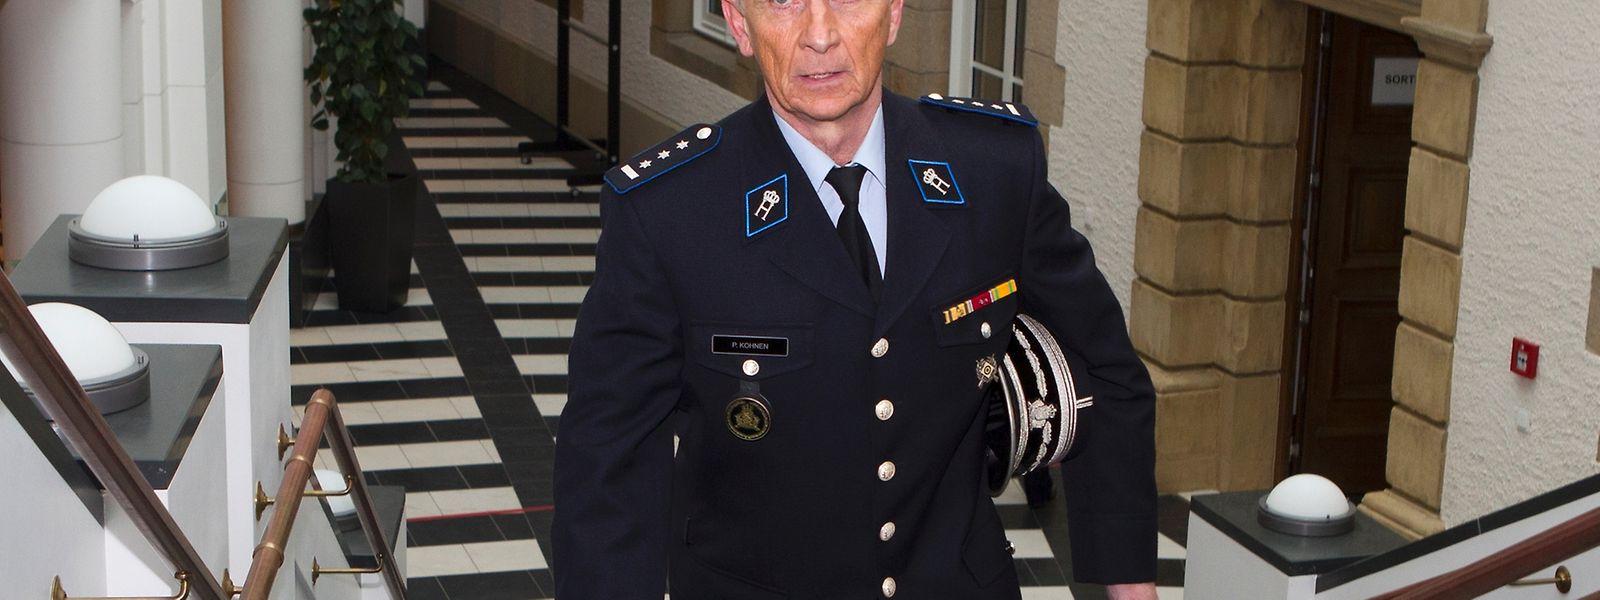 Pierre Kohnen im Februar 2014 vor seiner Zeugenaussage im Rahmen des Bommeleeër-Prozesses.